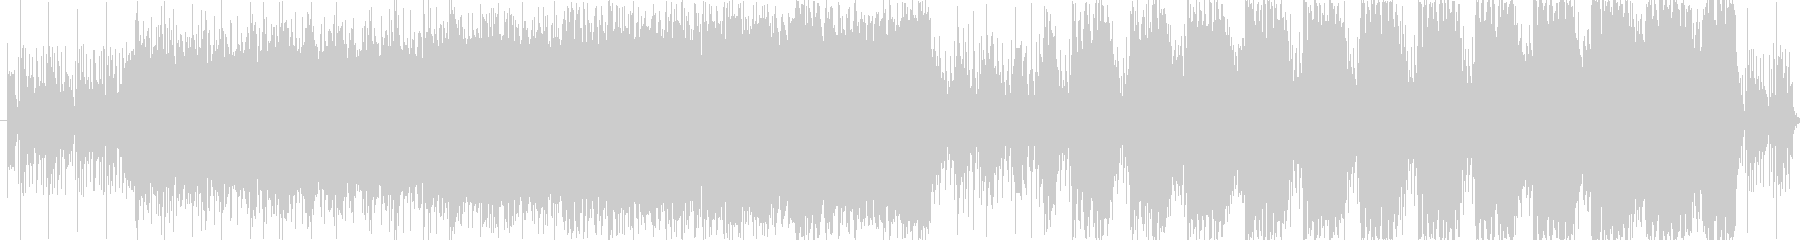 緊張感のある重低音が特徴のサウンドの未再生の波形